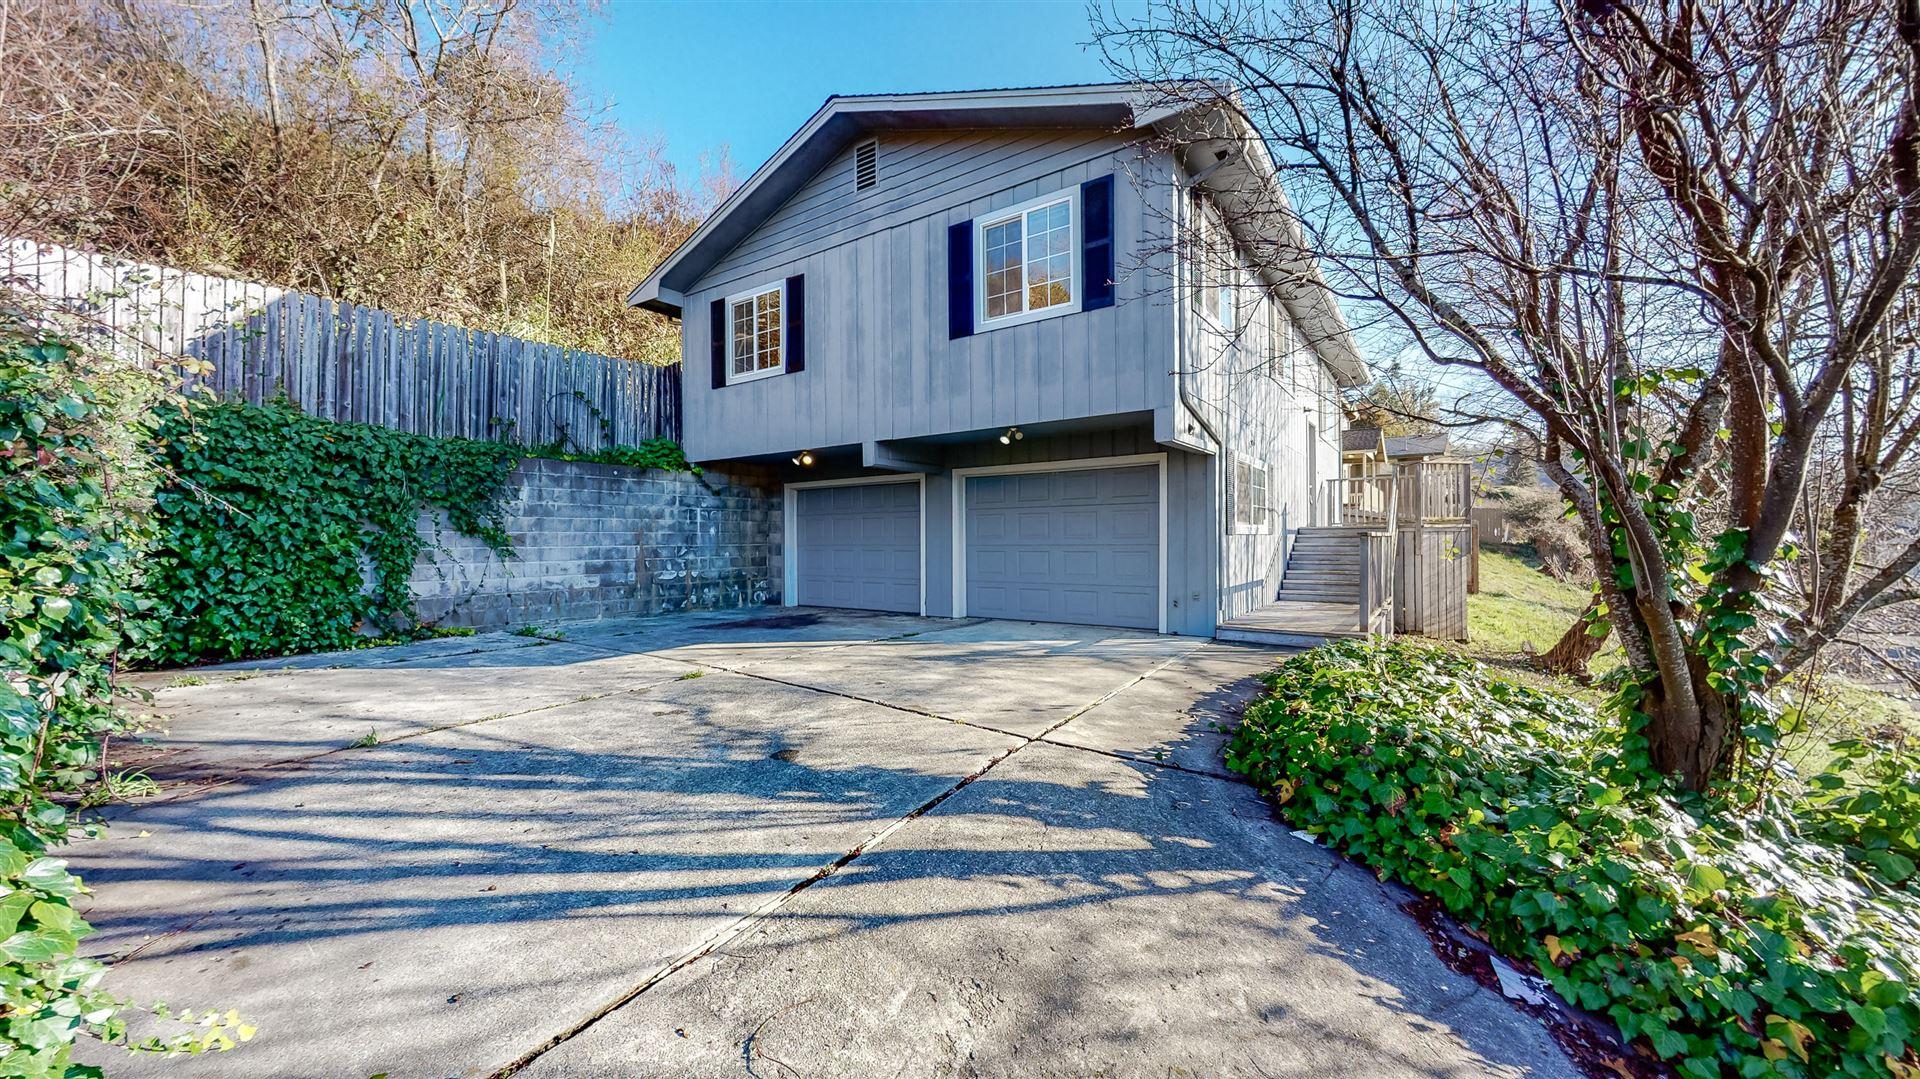 1206 P Street, Fortuna, CA 95540 - MLS#: 258173